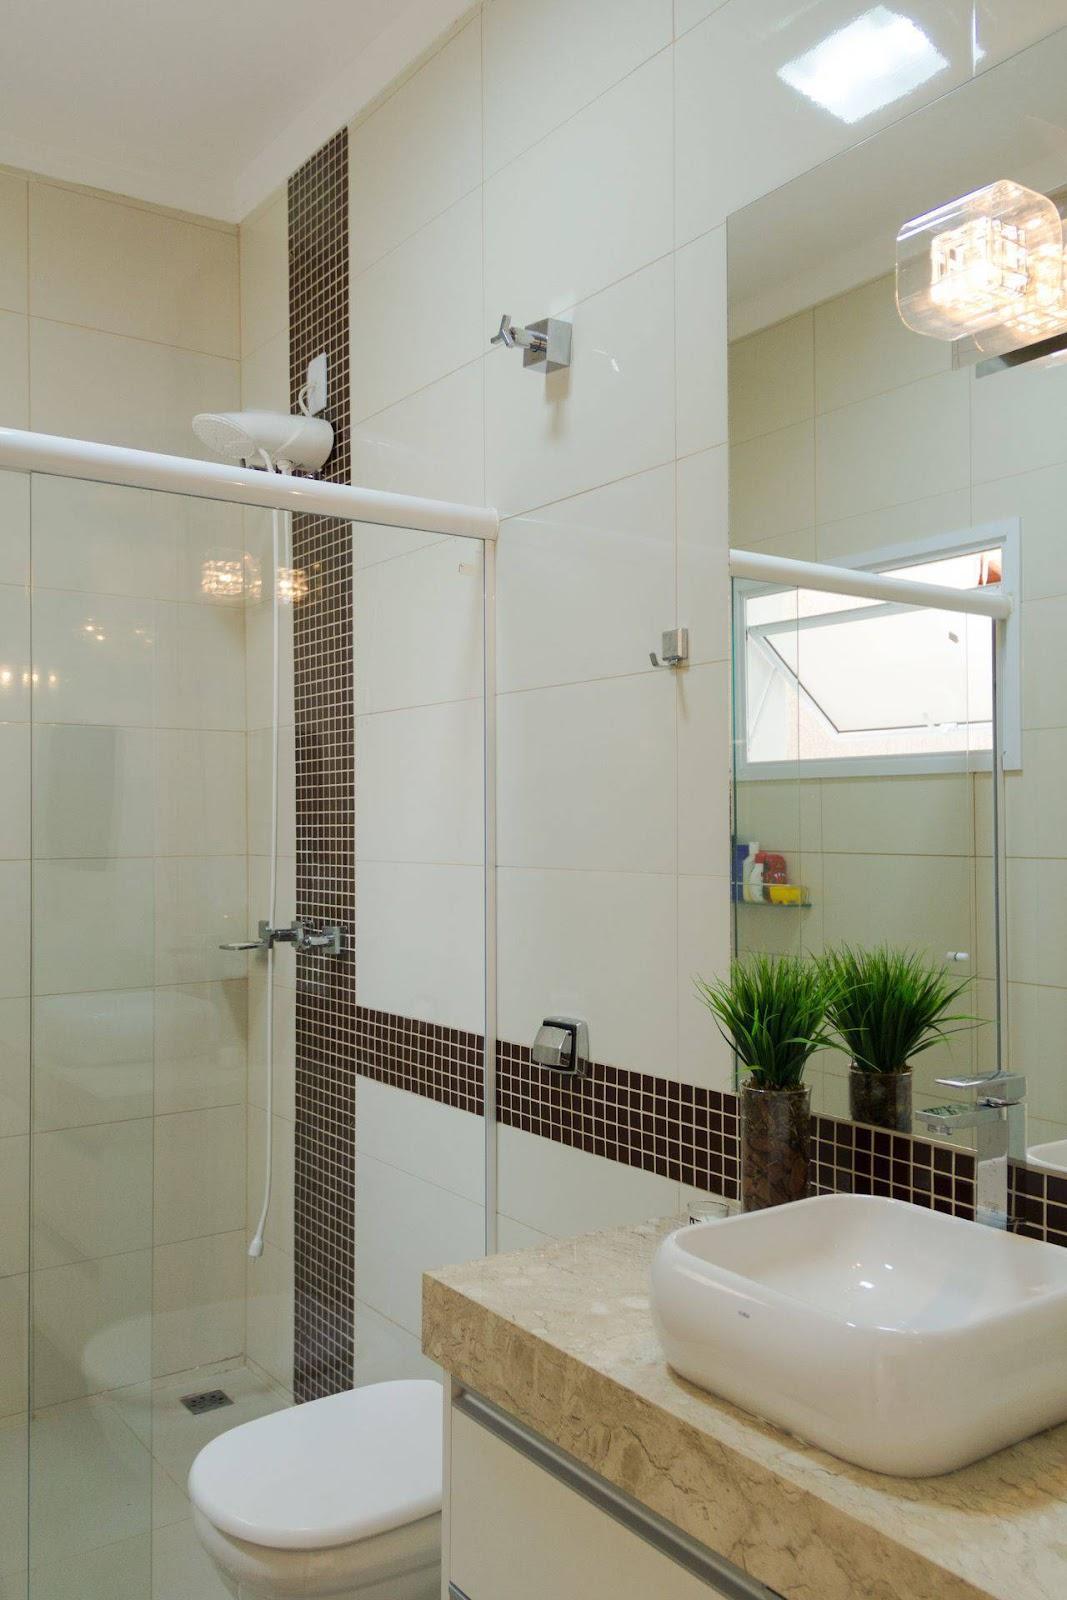 imagem de um banheiro completo, é possível identificar pia, privada e box.